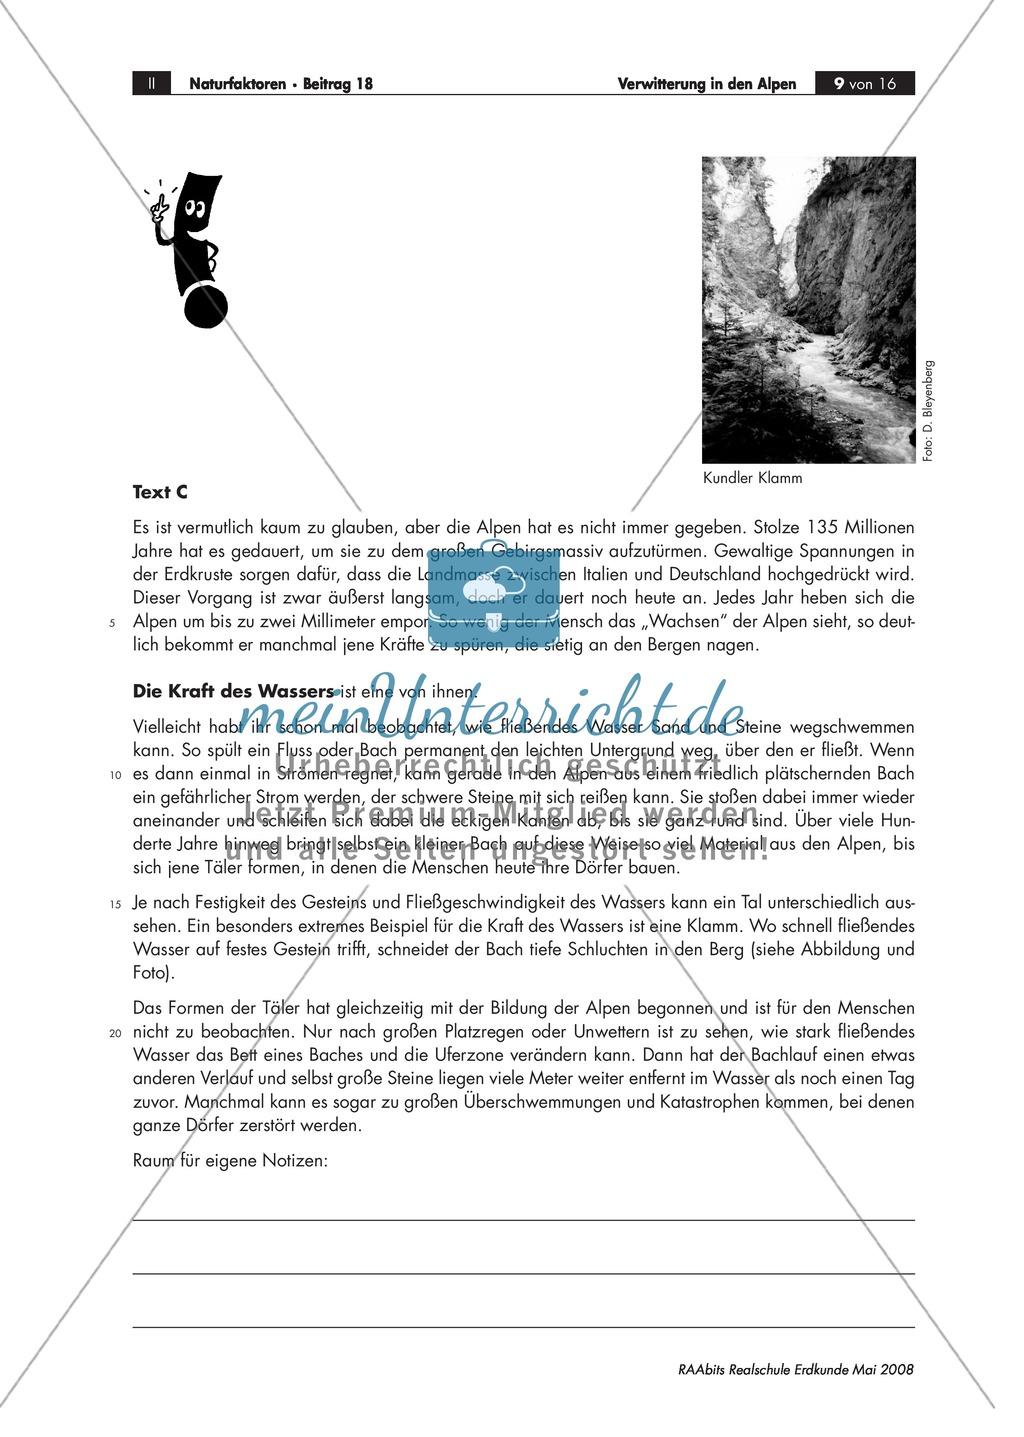 Eine Expertenrunde über Formen der Verwitterung abhalten - Beispiel Alpen Preview 3